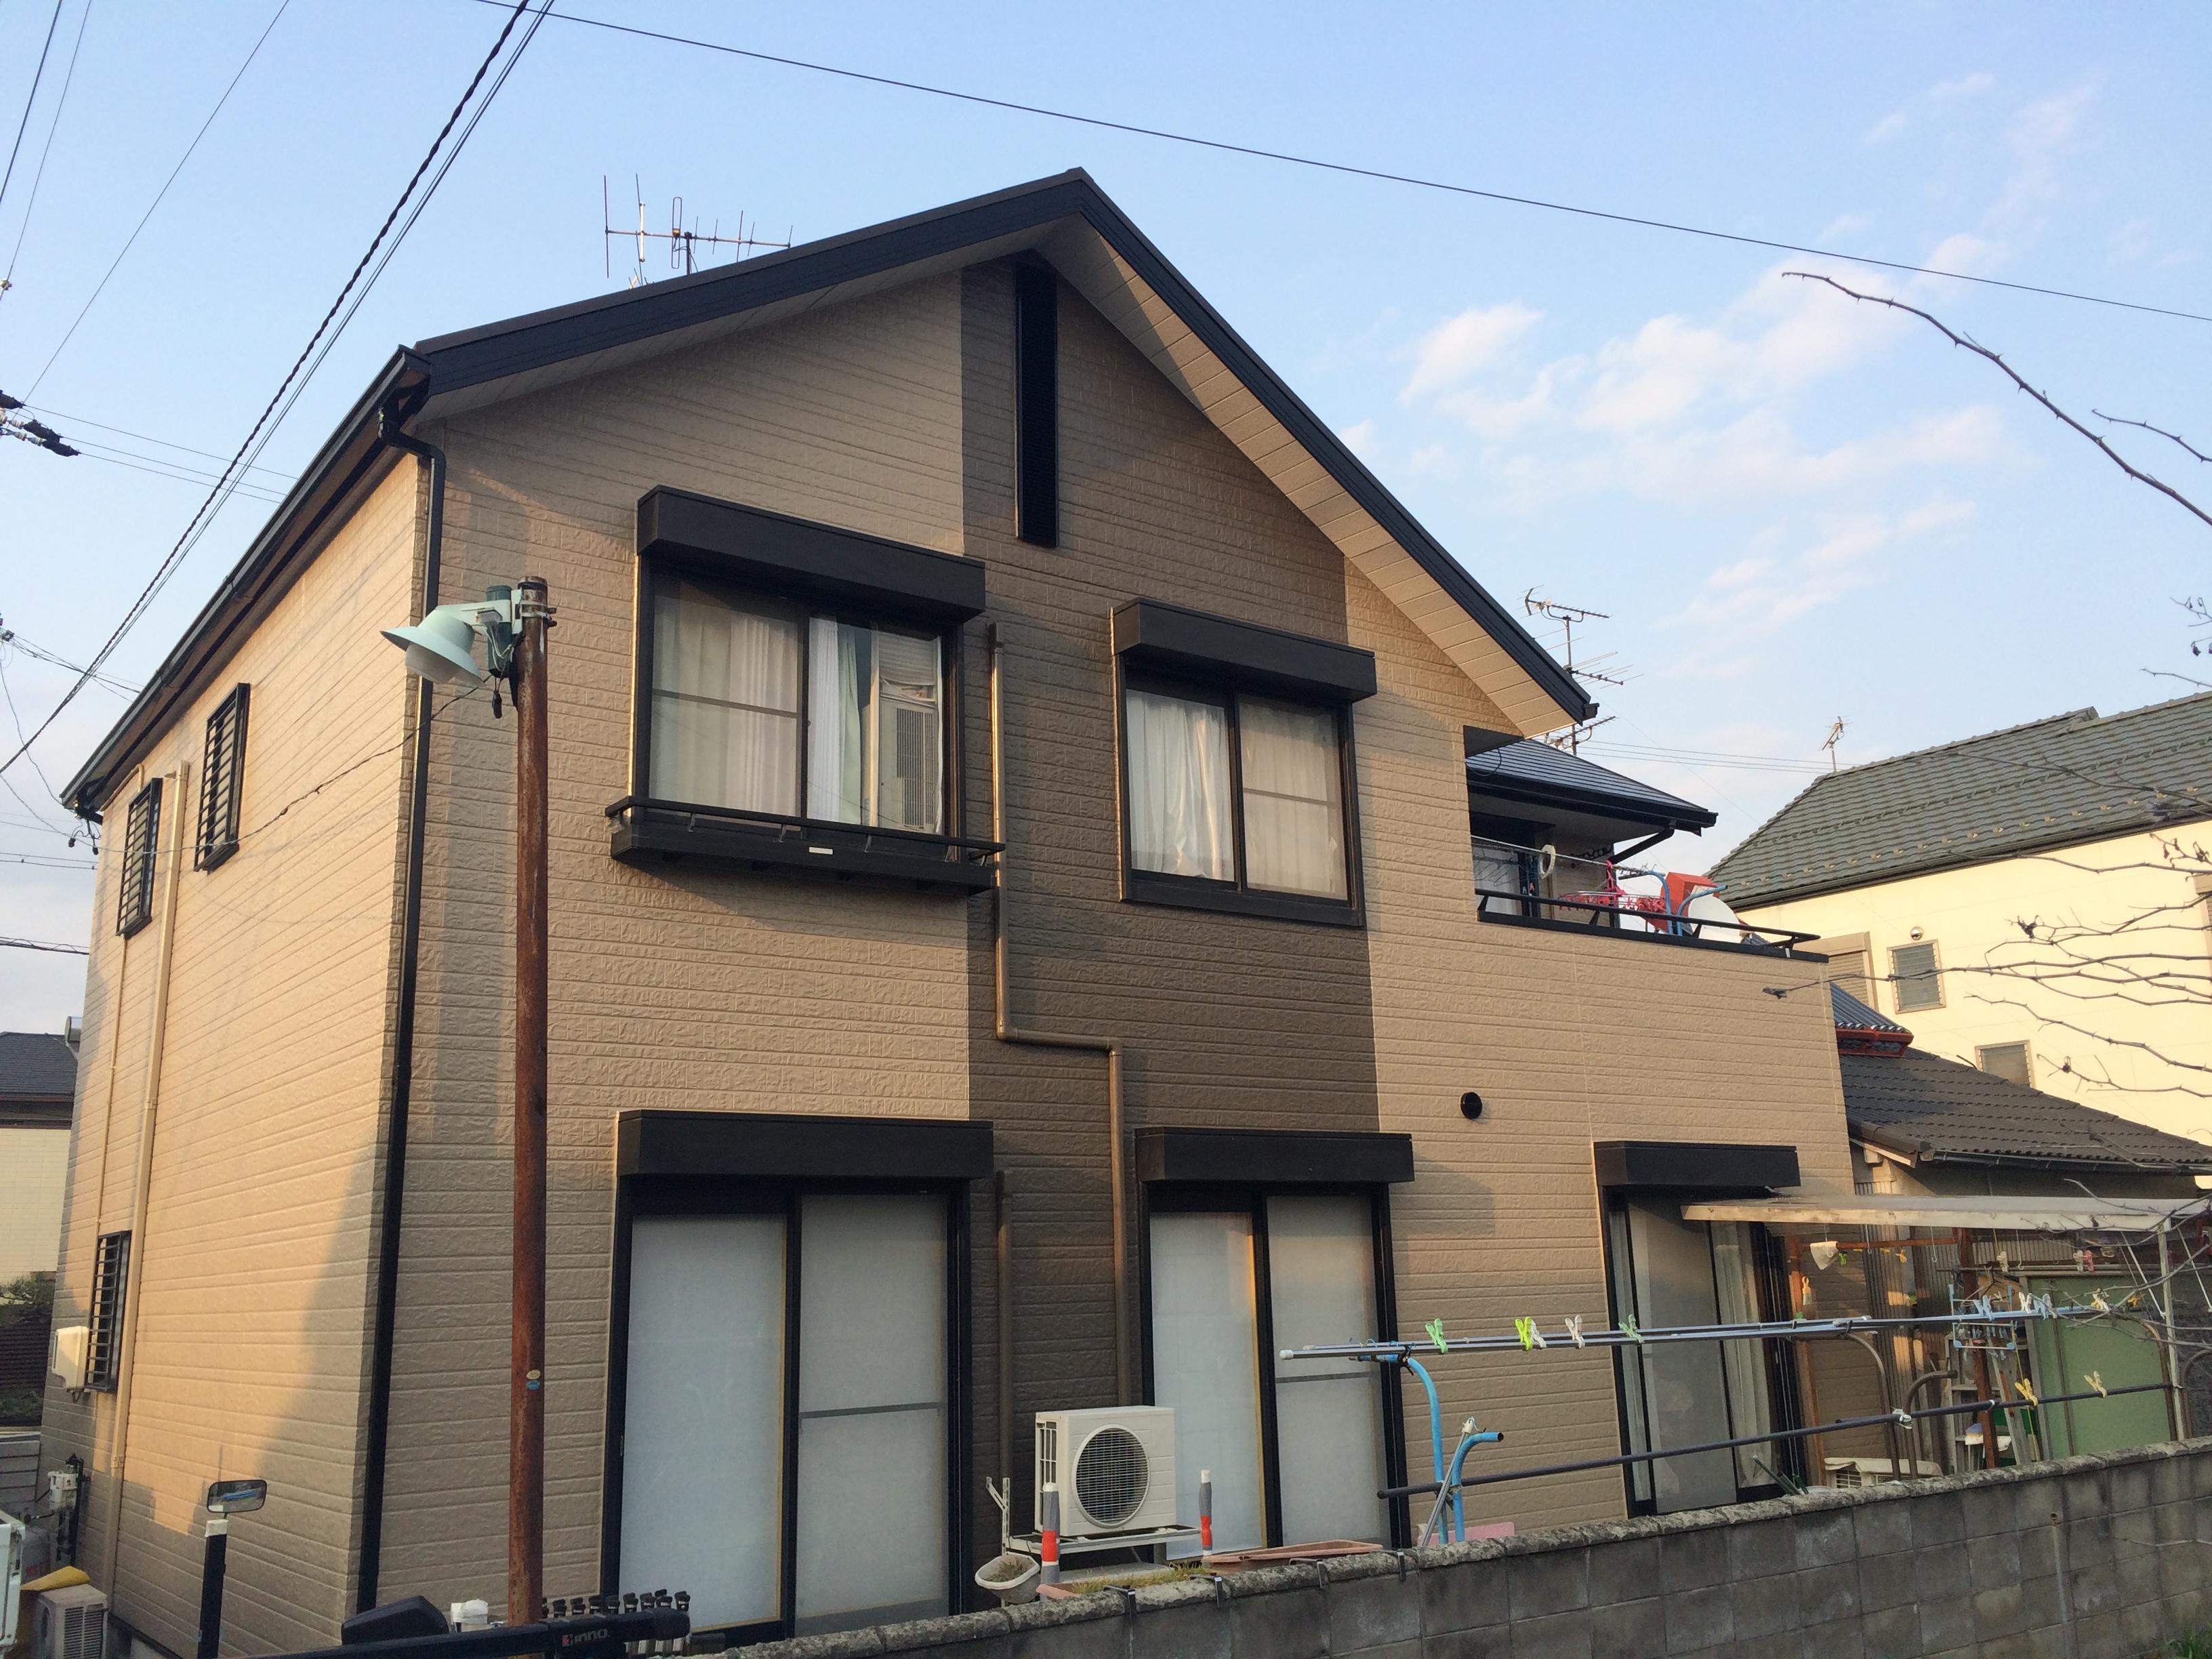 愛西市 Y様邸の外壁・屋根塗装工事をご紹介させていただきます。 築20年で一度、外壁屋根塗装を経験さ...